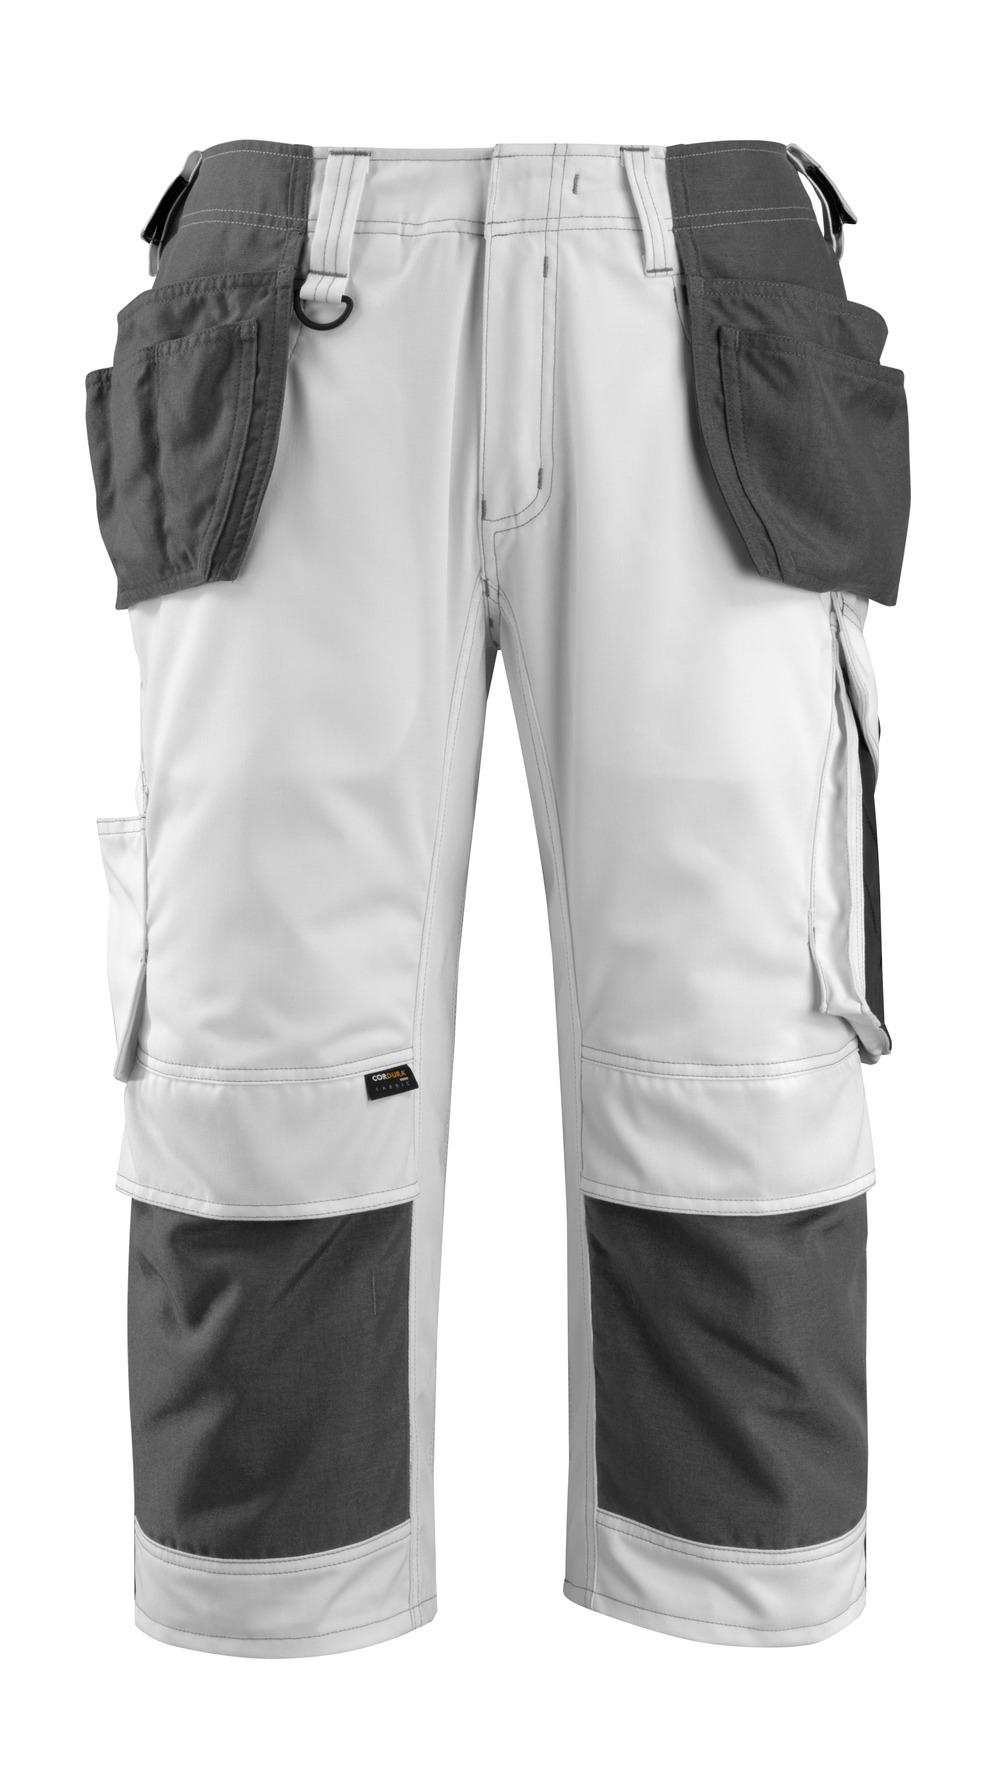 14349-442-0618 Pantacourt avec poches genouillères et poches flottantes - Blanc/Anthracite foncé